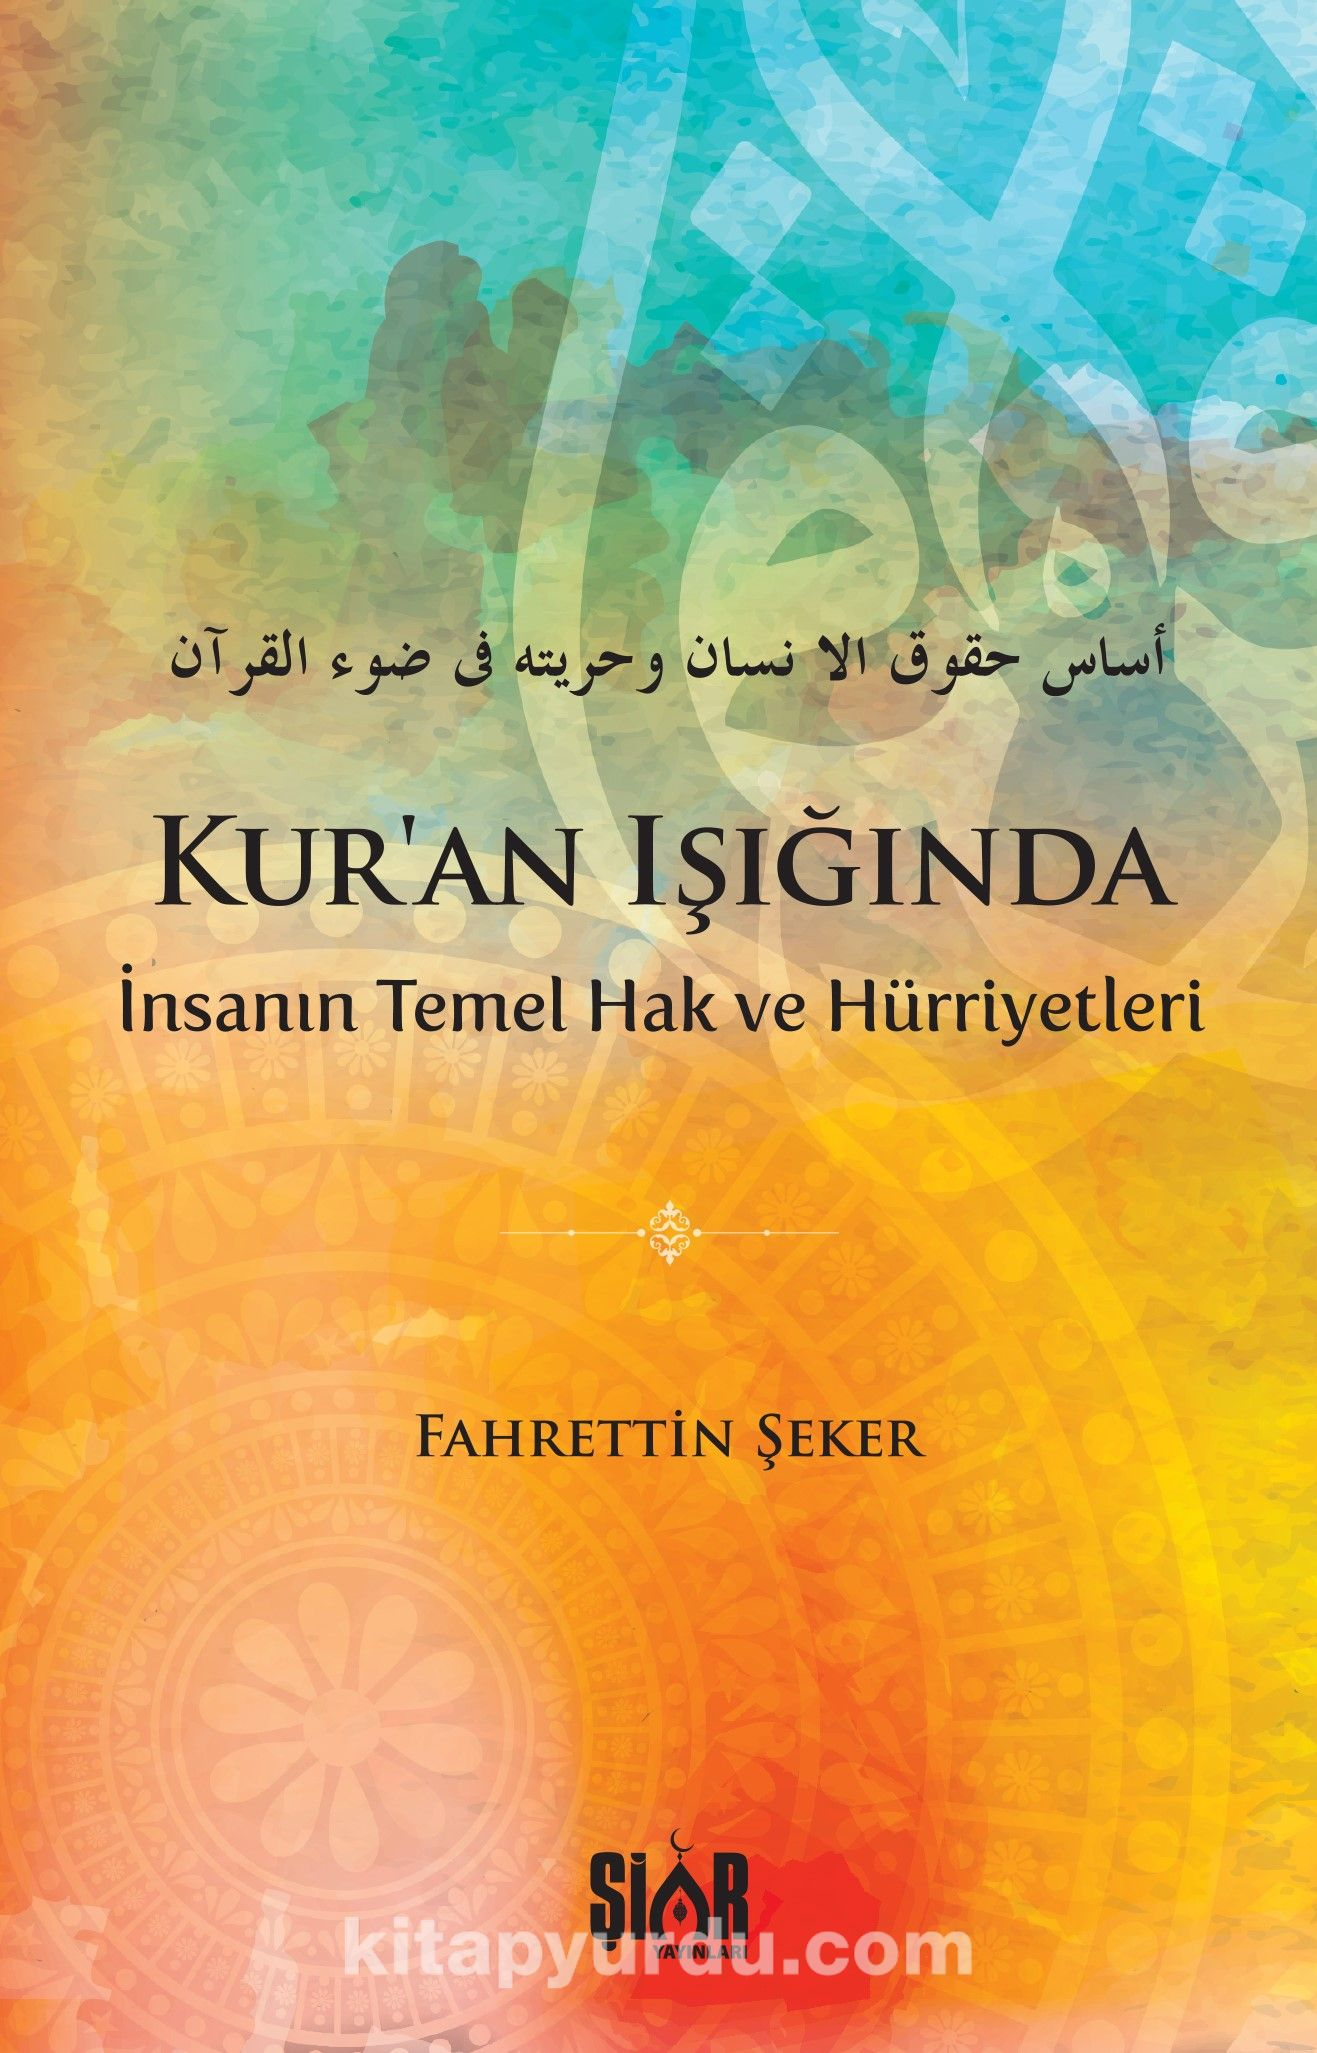 Kur'an'ın Işığında İnsanın Temel Hak ve Hürriyetleri